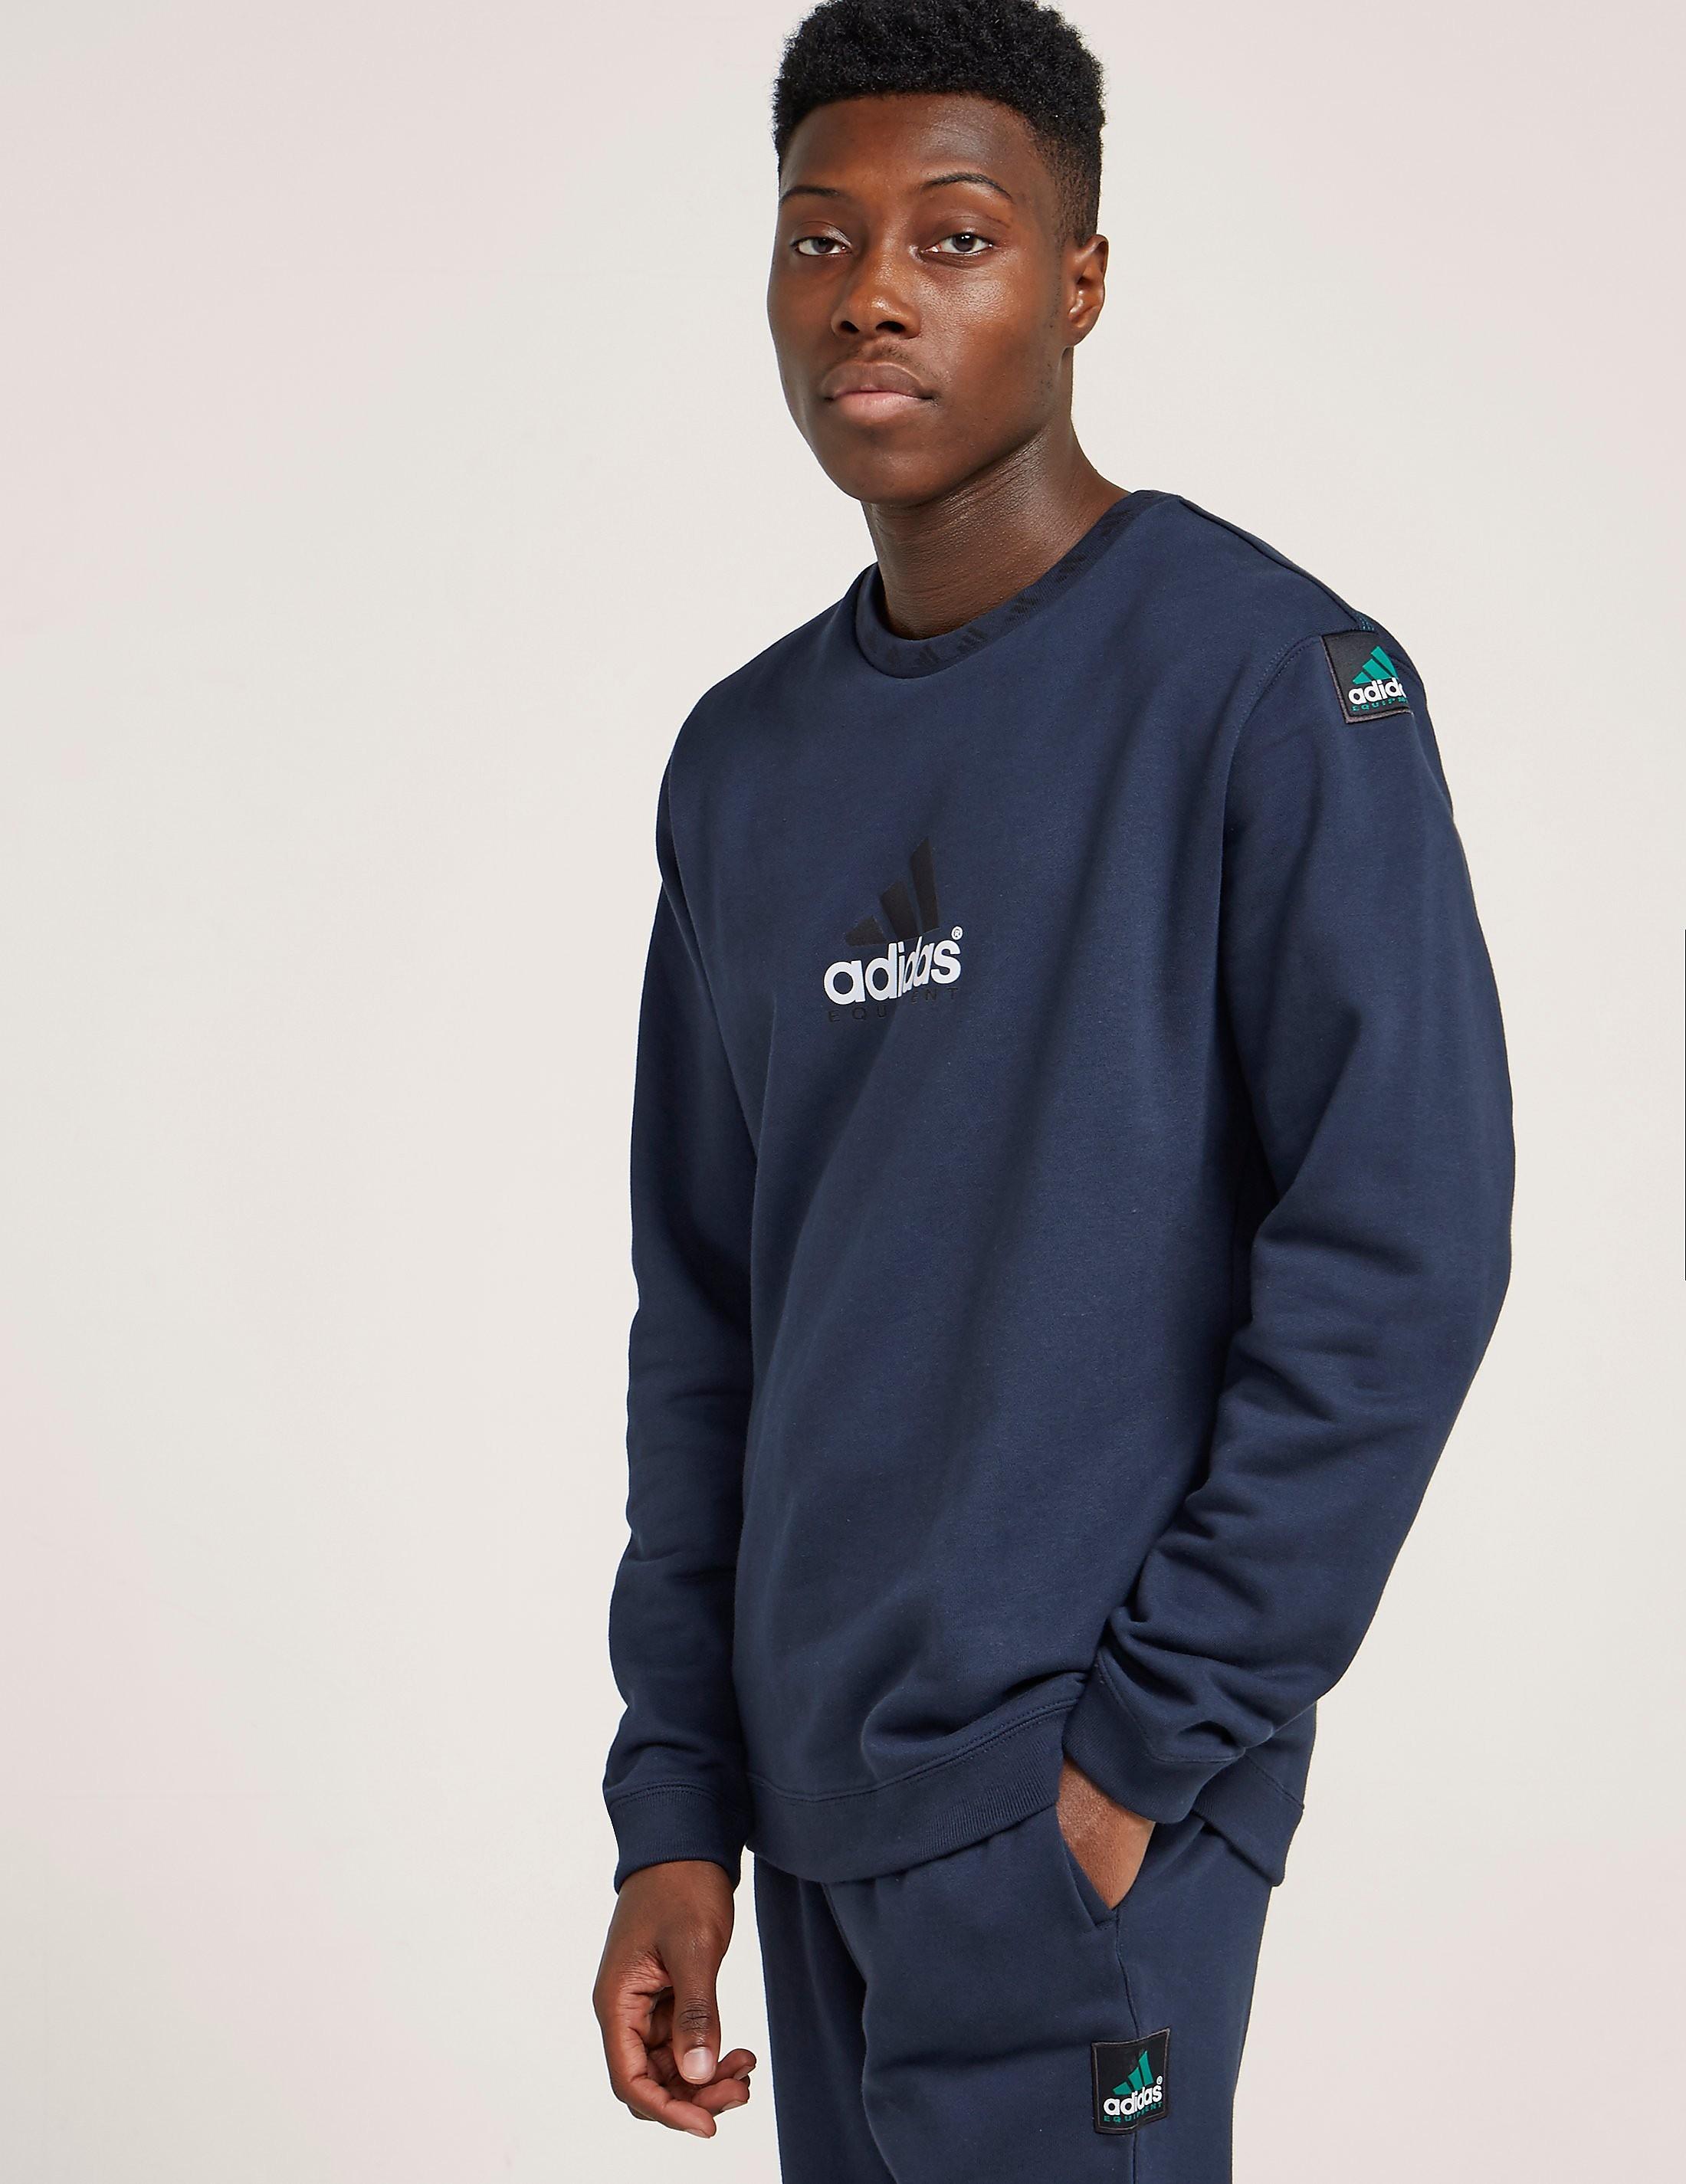 adidas Originals EQT Logo Crew Sweatshirt